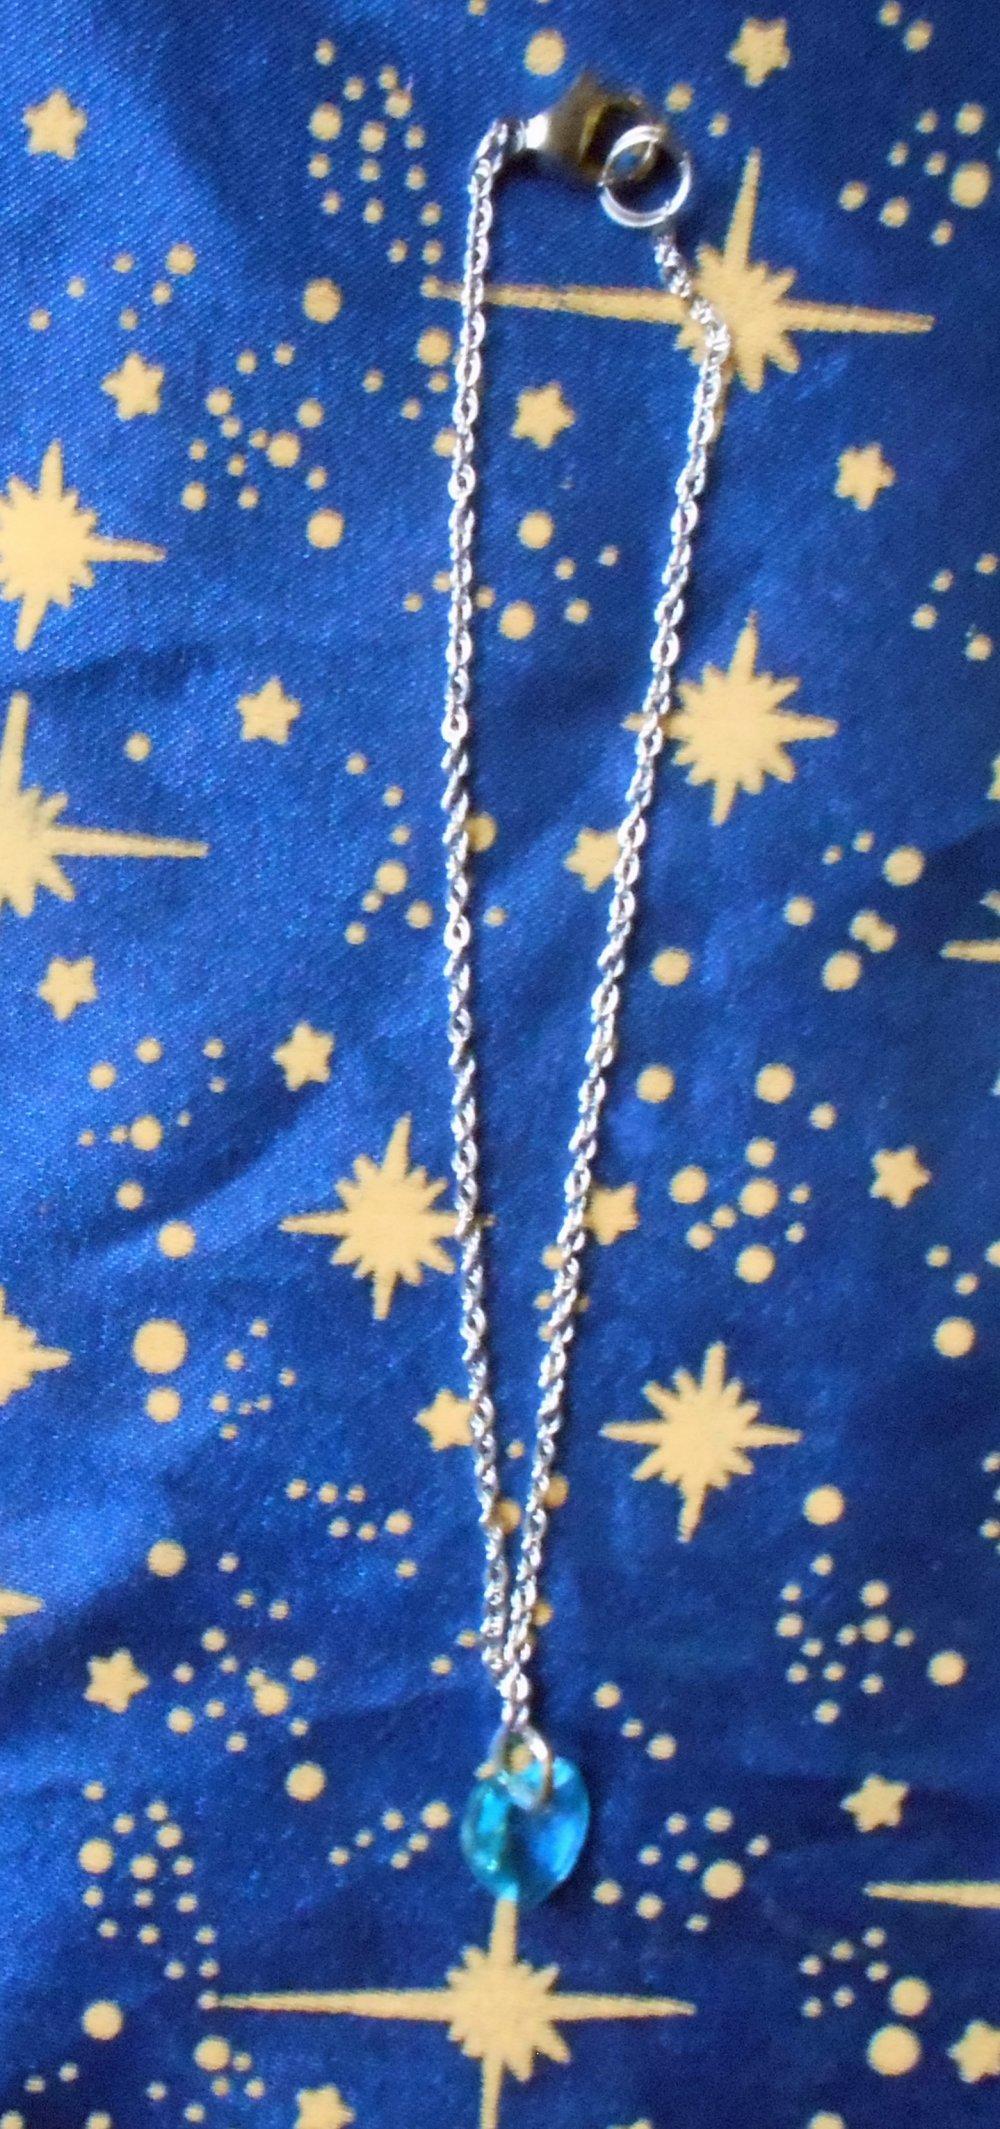 Chaîne de cheville en inox avec cristal de swarovski forme coeur turquoise foncé de 10mm.